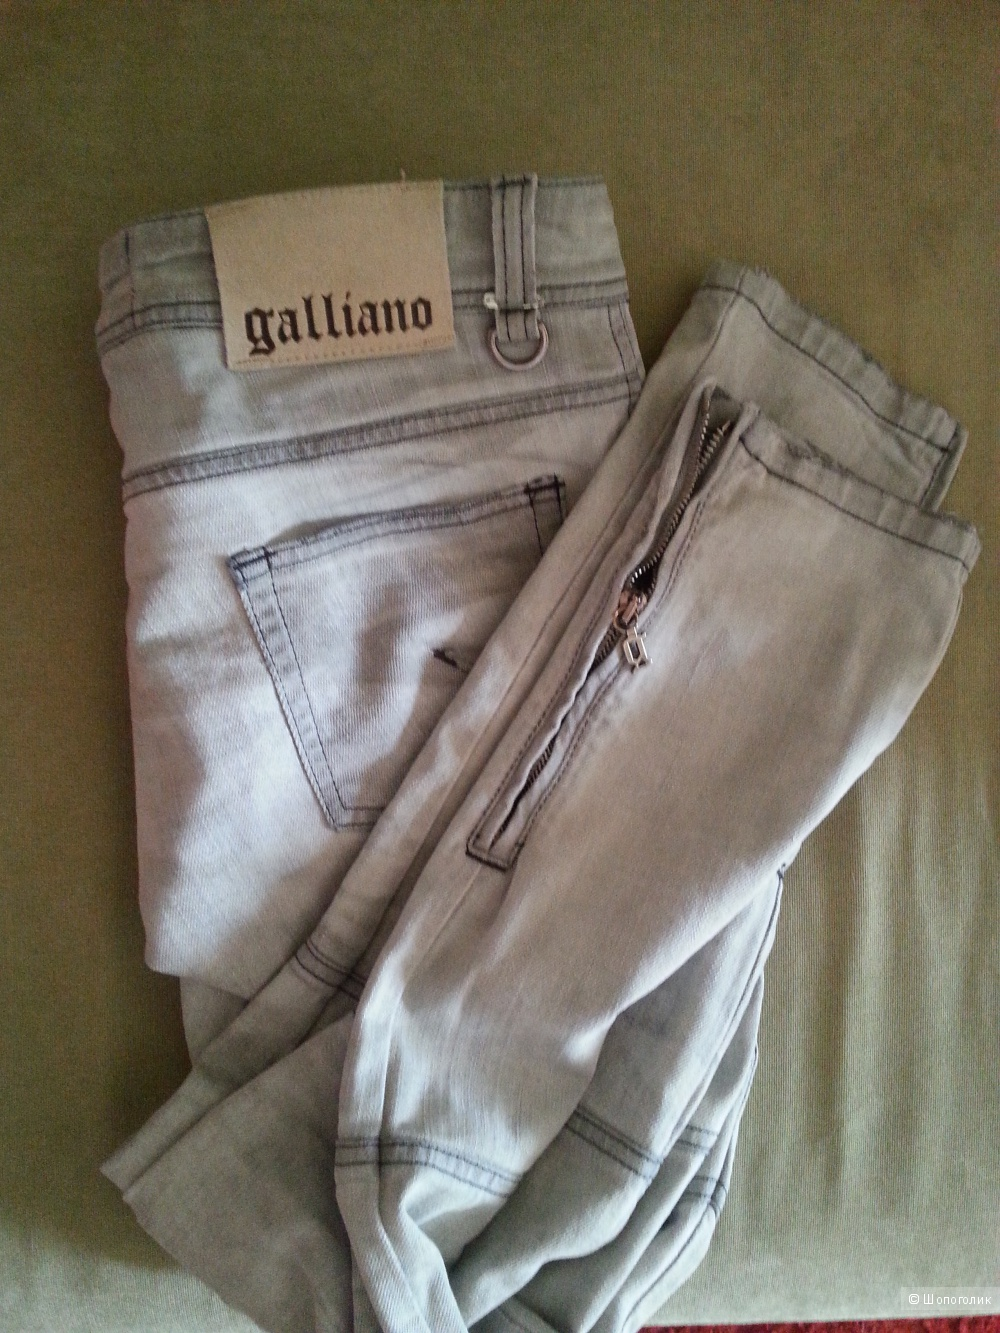 Джинсы Galliano,размер 27